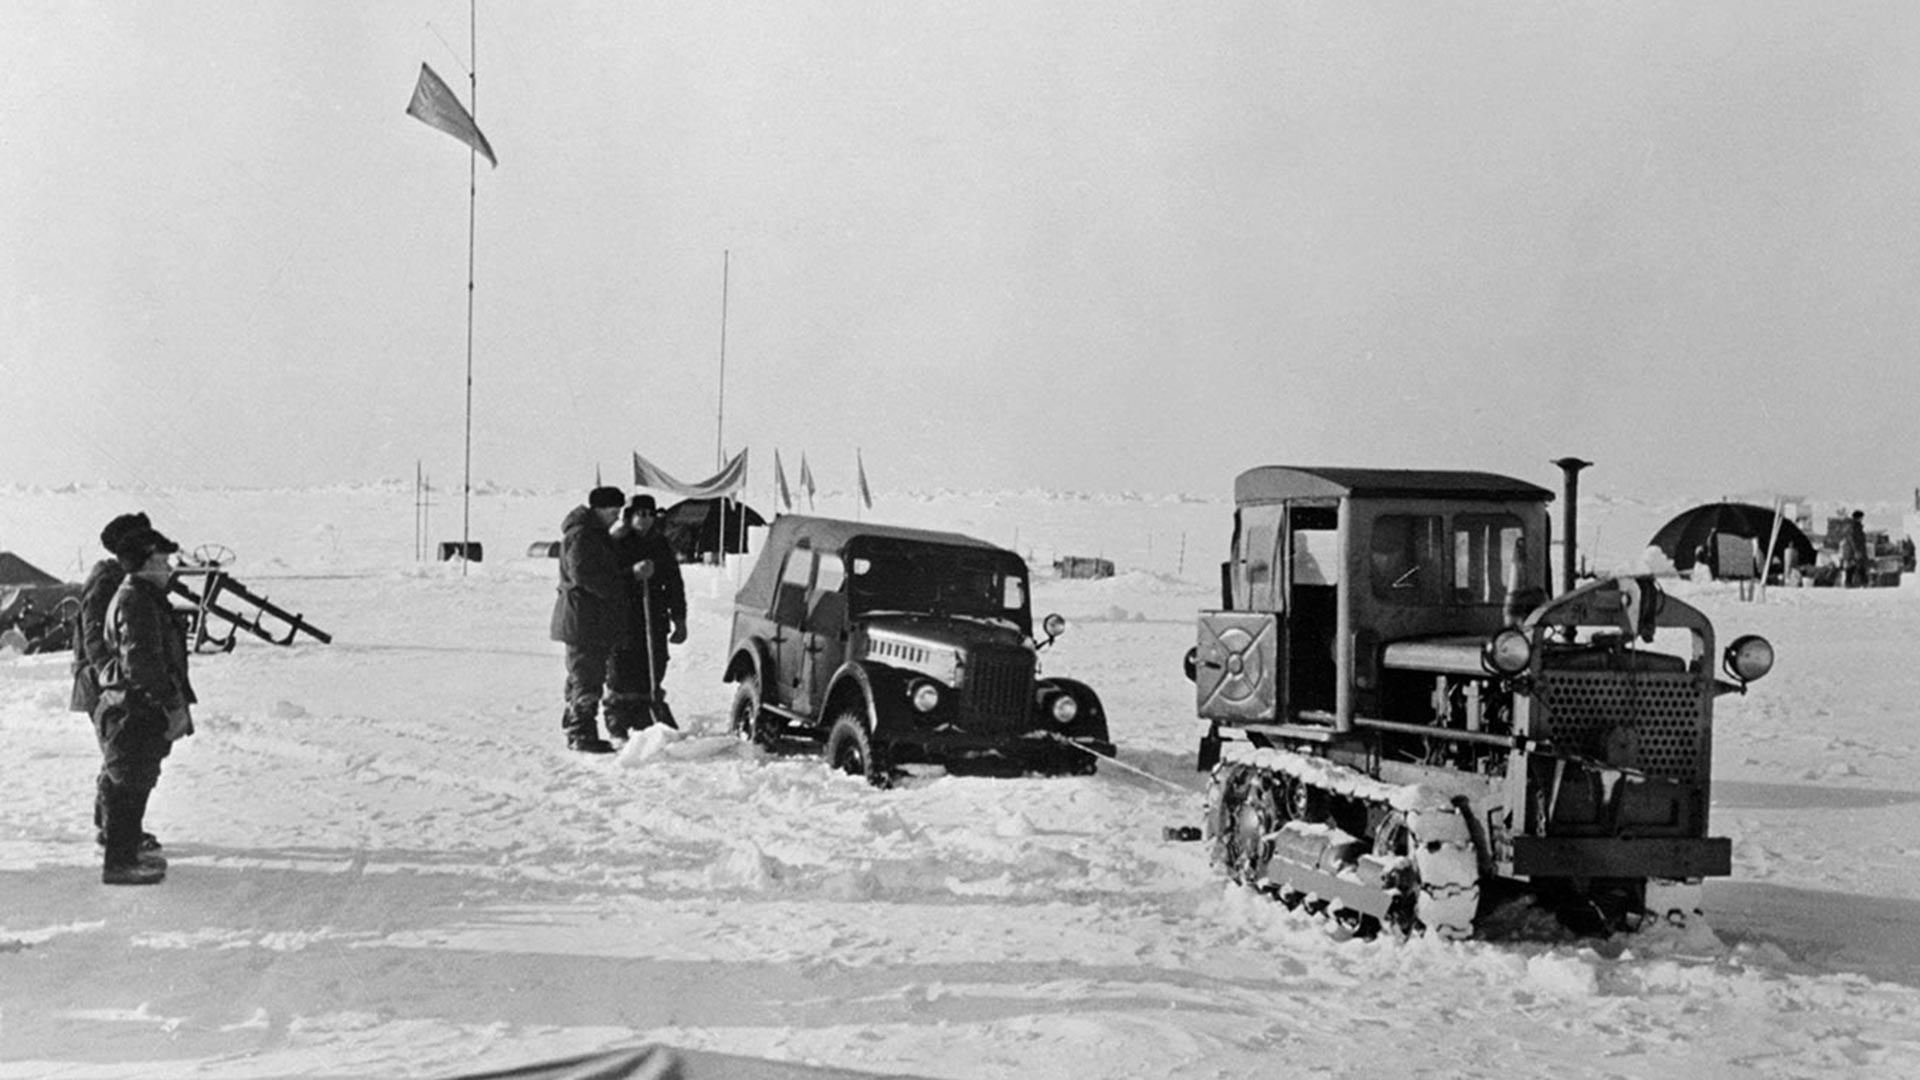 Traktor mengevakuasi kendaraan mogok di salah satu stasiun riset yang didirikan oleh para ilmuwan Soviet di atas potongan es yang terapung di wilayah Arktik.